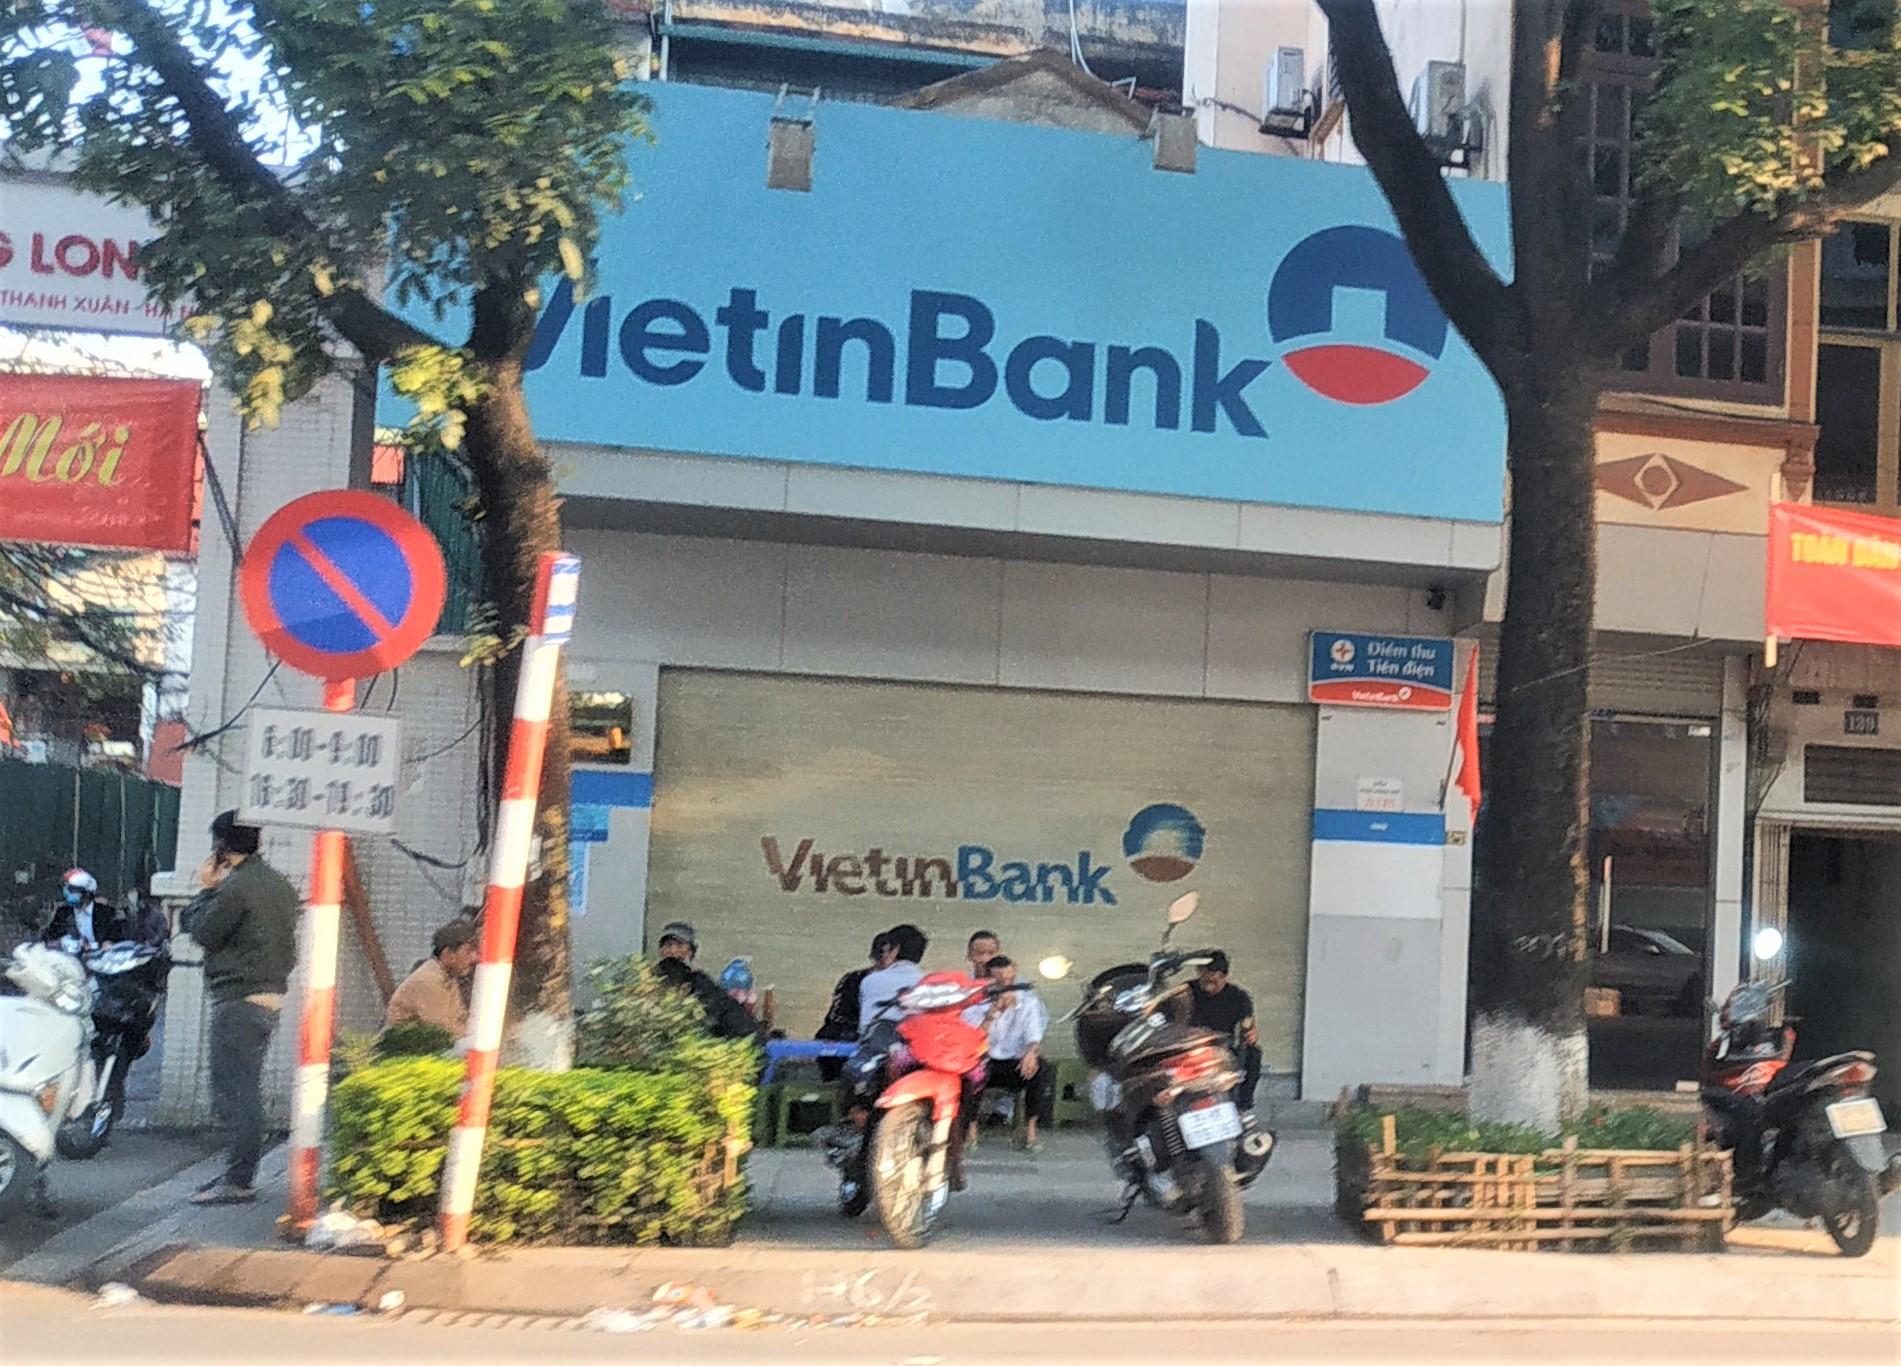 24 doanh nghiệp sắp chốt quyền cổ tức: VietinBank, Chứng khoán Rồng Việt phát hành tăng vốn - Ảnh 1.